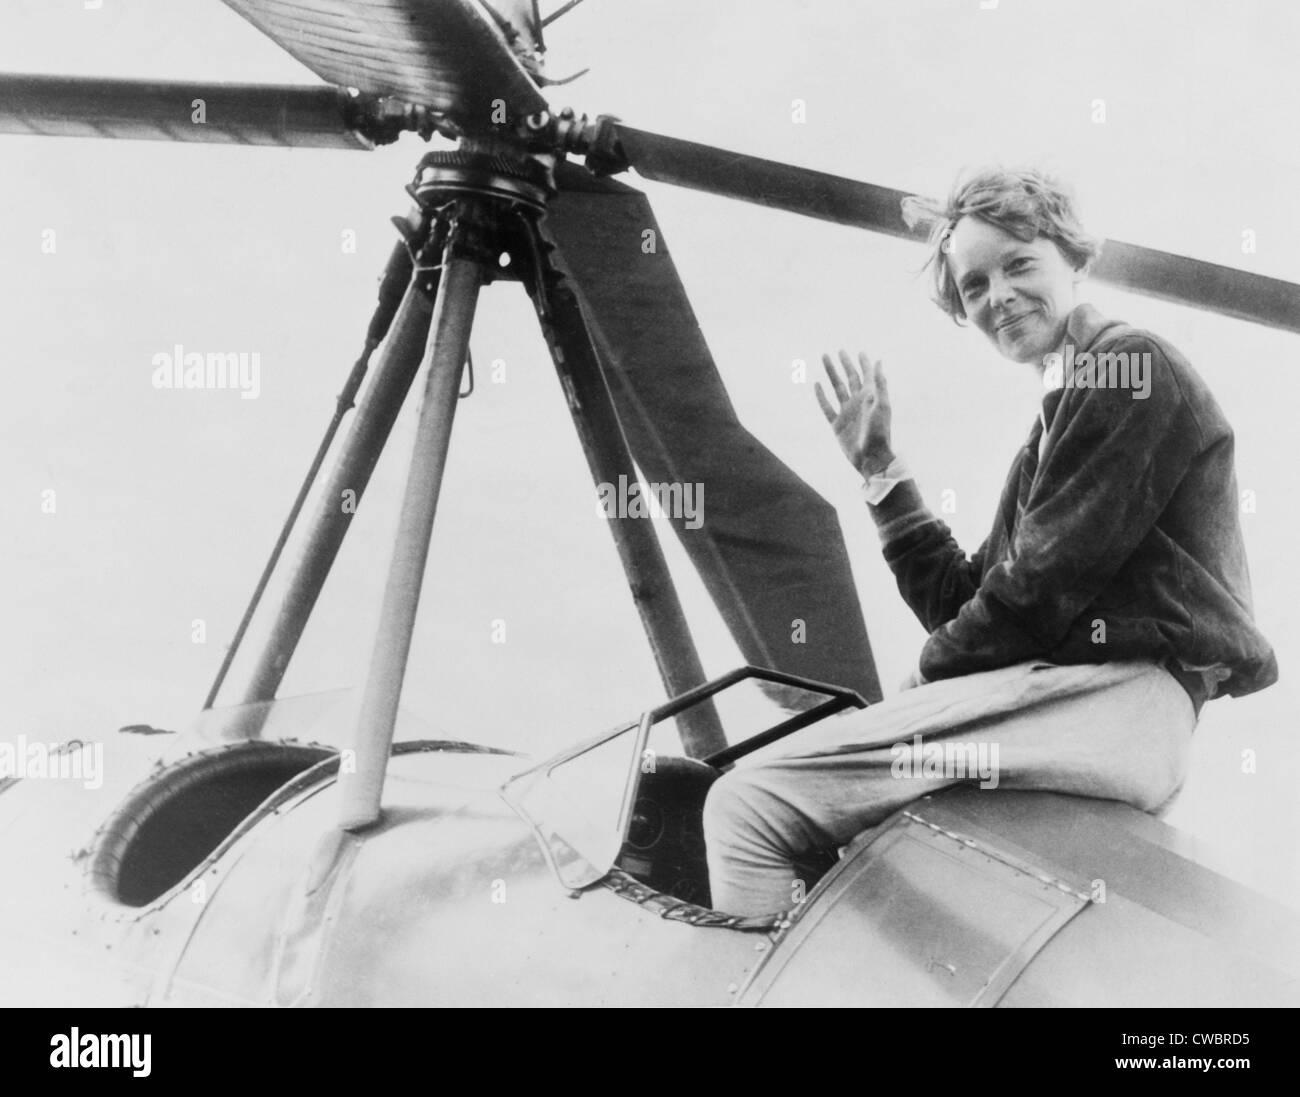 Amelia Earhart (1897-1937), forme, assis à l'extérieur en haut d'un cockpit Autogiro, à Los Angeles, peu de temps Banque D'Images